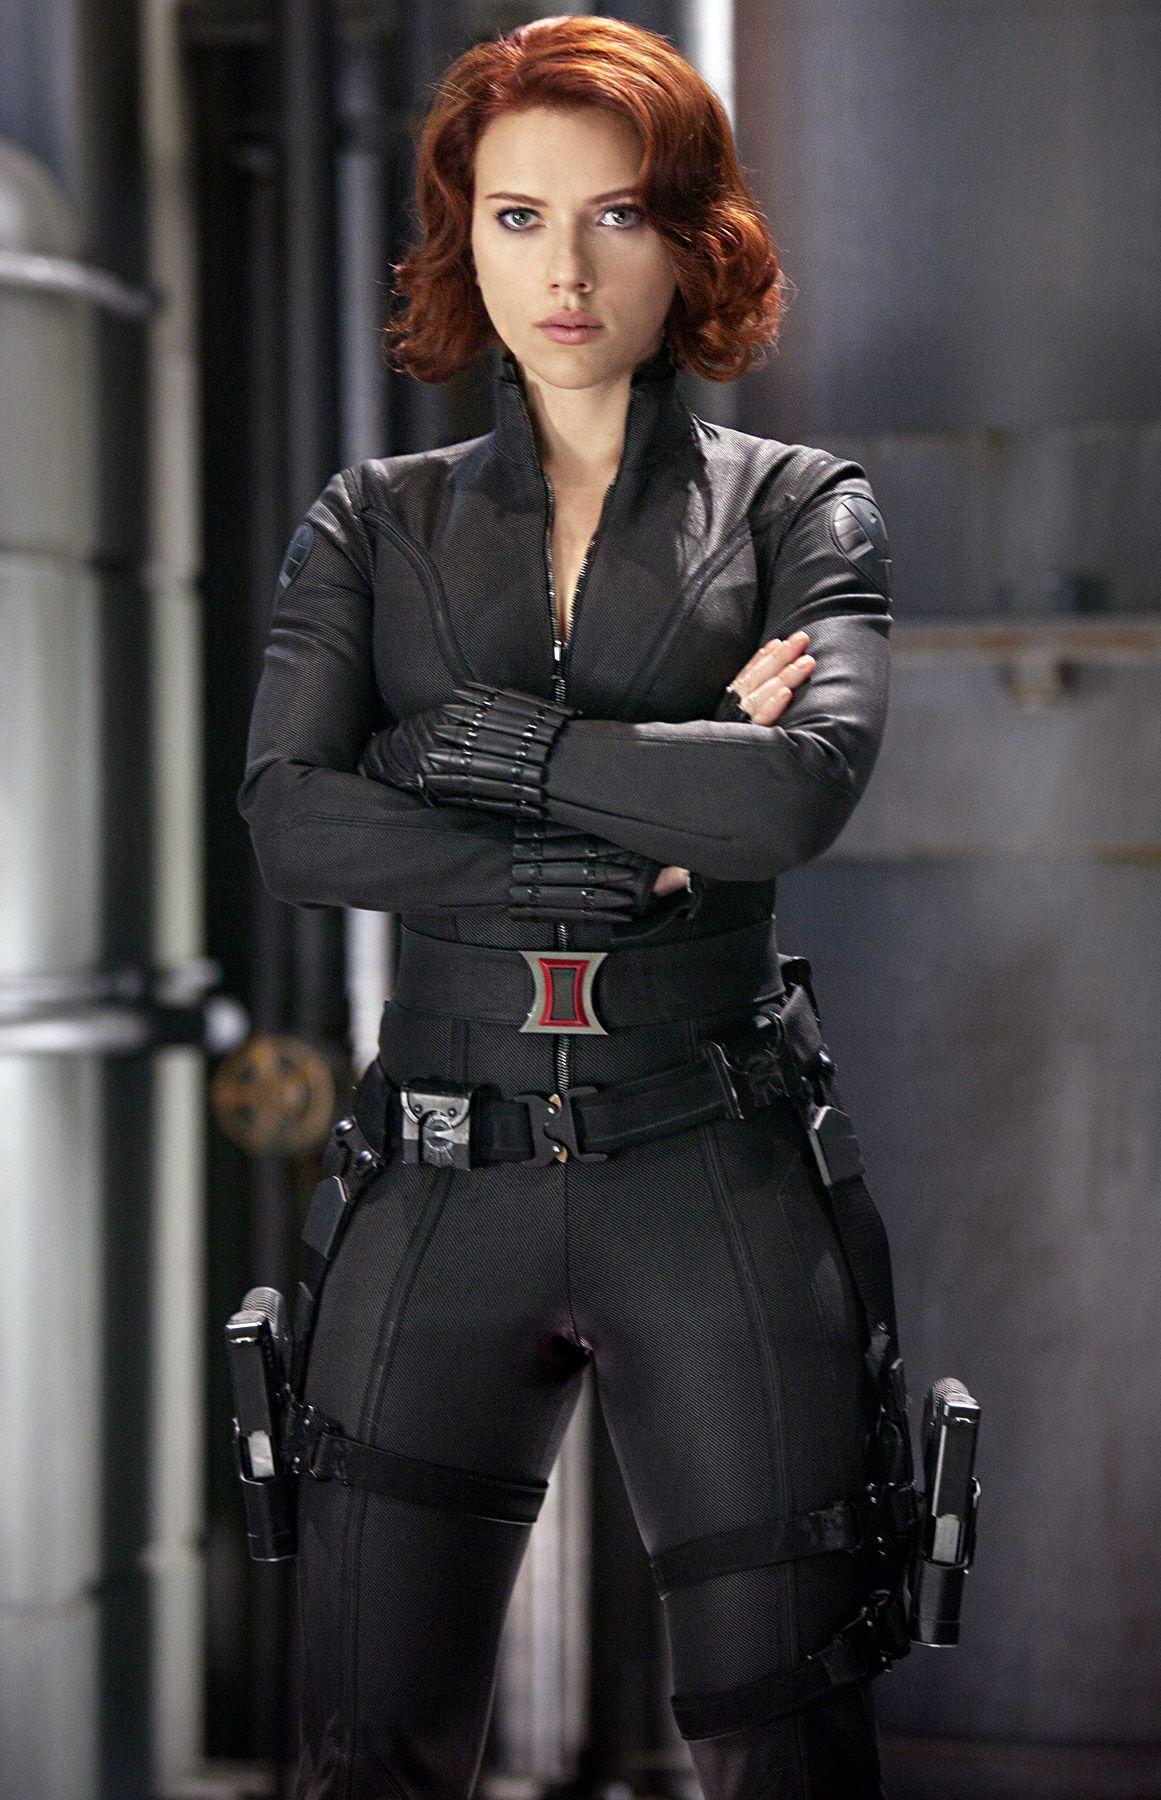 Scarlett johansson black widow movie